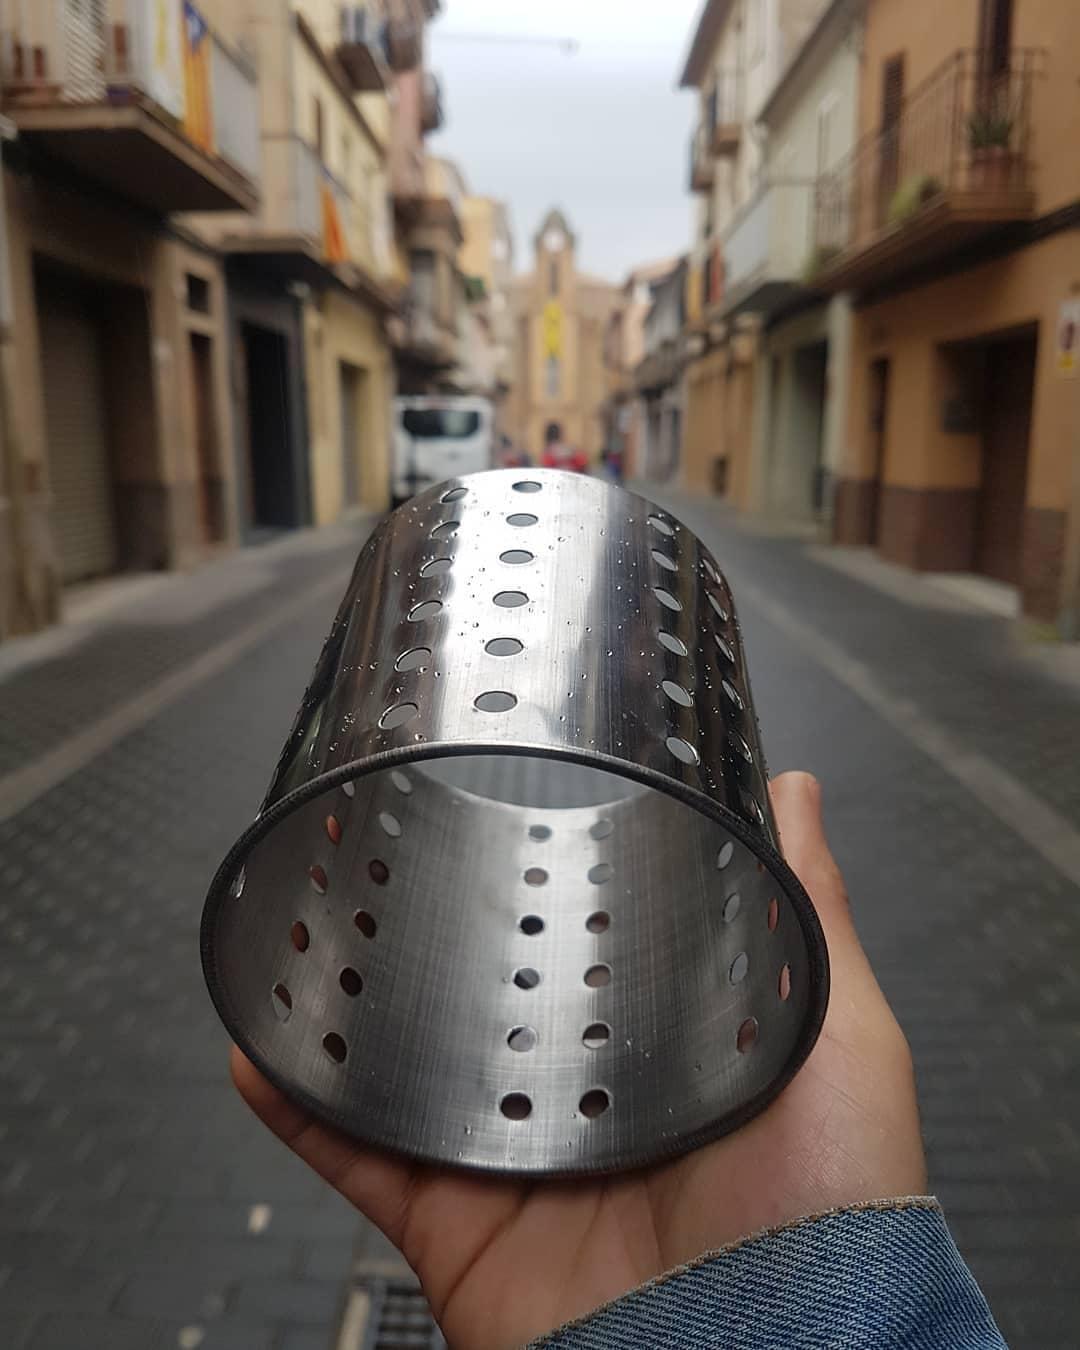 59951066 551675701904025 4299889817363794608 n - 12 ловких трюков от фотографа из Барселоны, которые помогут сделать ваши снимки ещё более эффектными